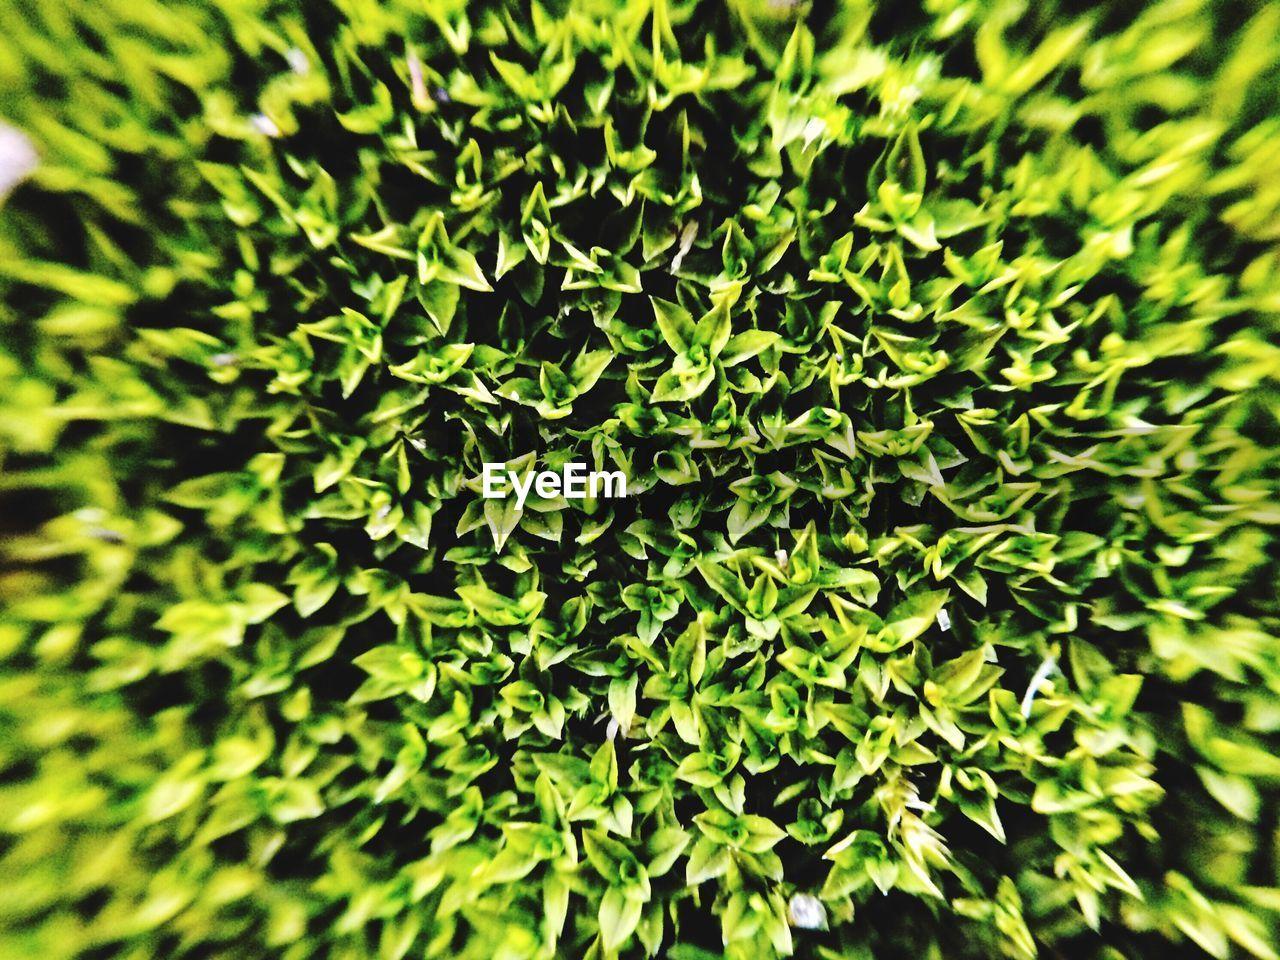 DEFOCUSED IMAGE OF GREEN PLANTS